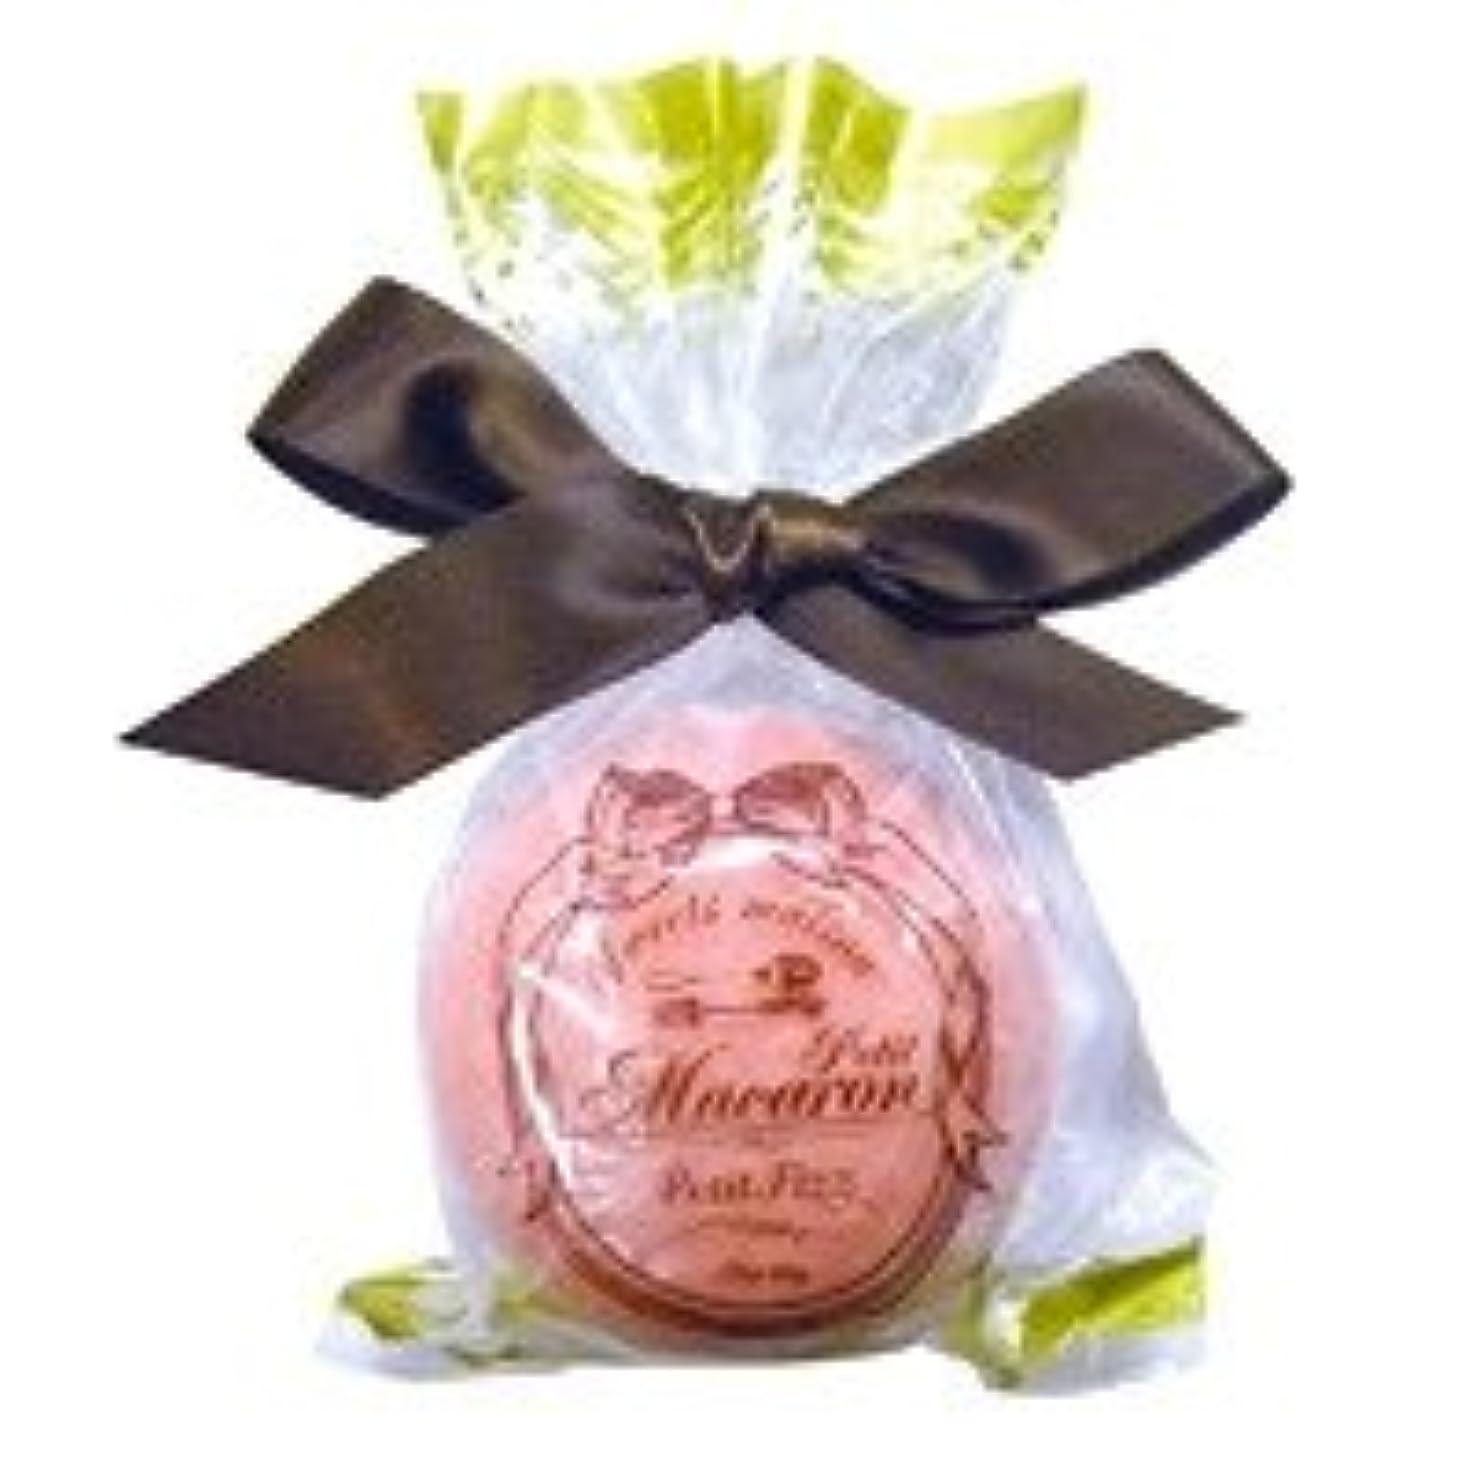 シャベル扱う光電スウィーツメゾン プチマカロンフィズ「ダークピンク」12個セット 華やかなローズの香り